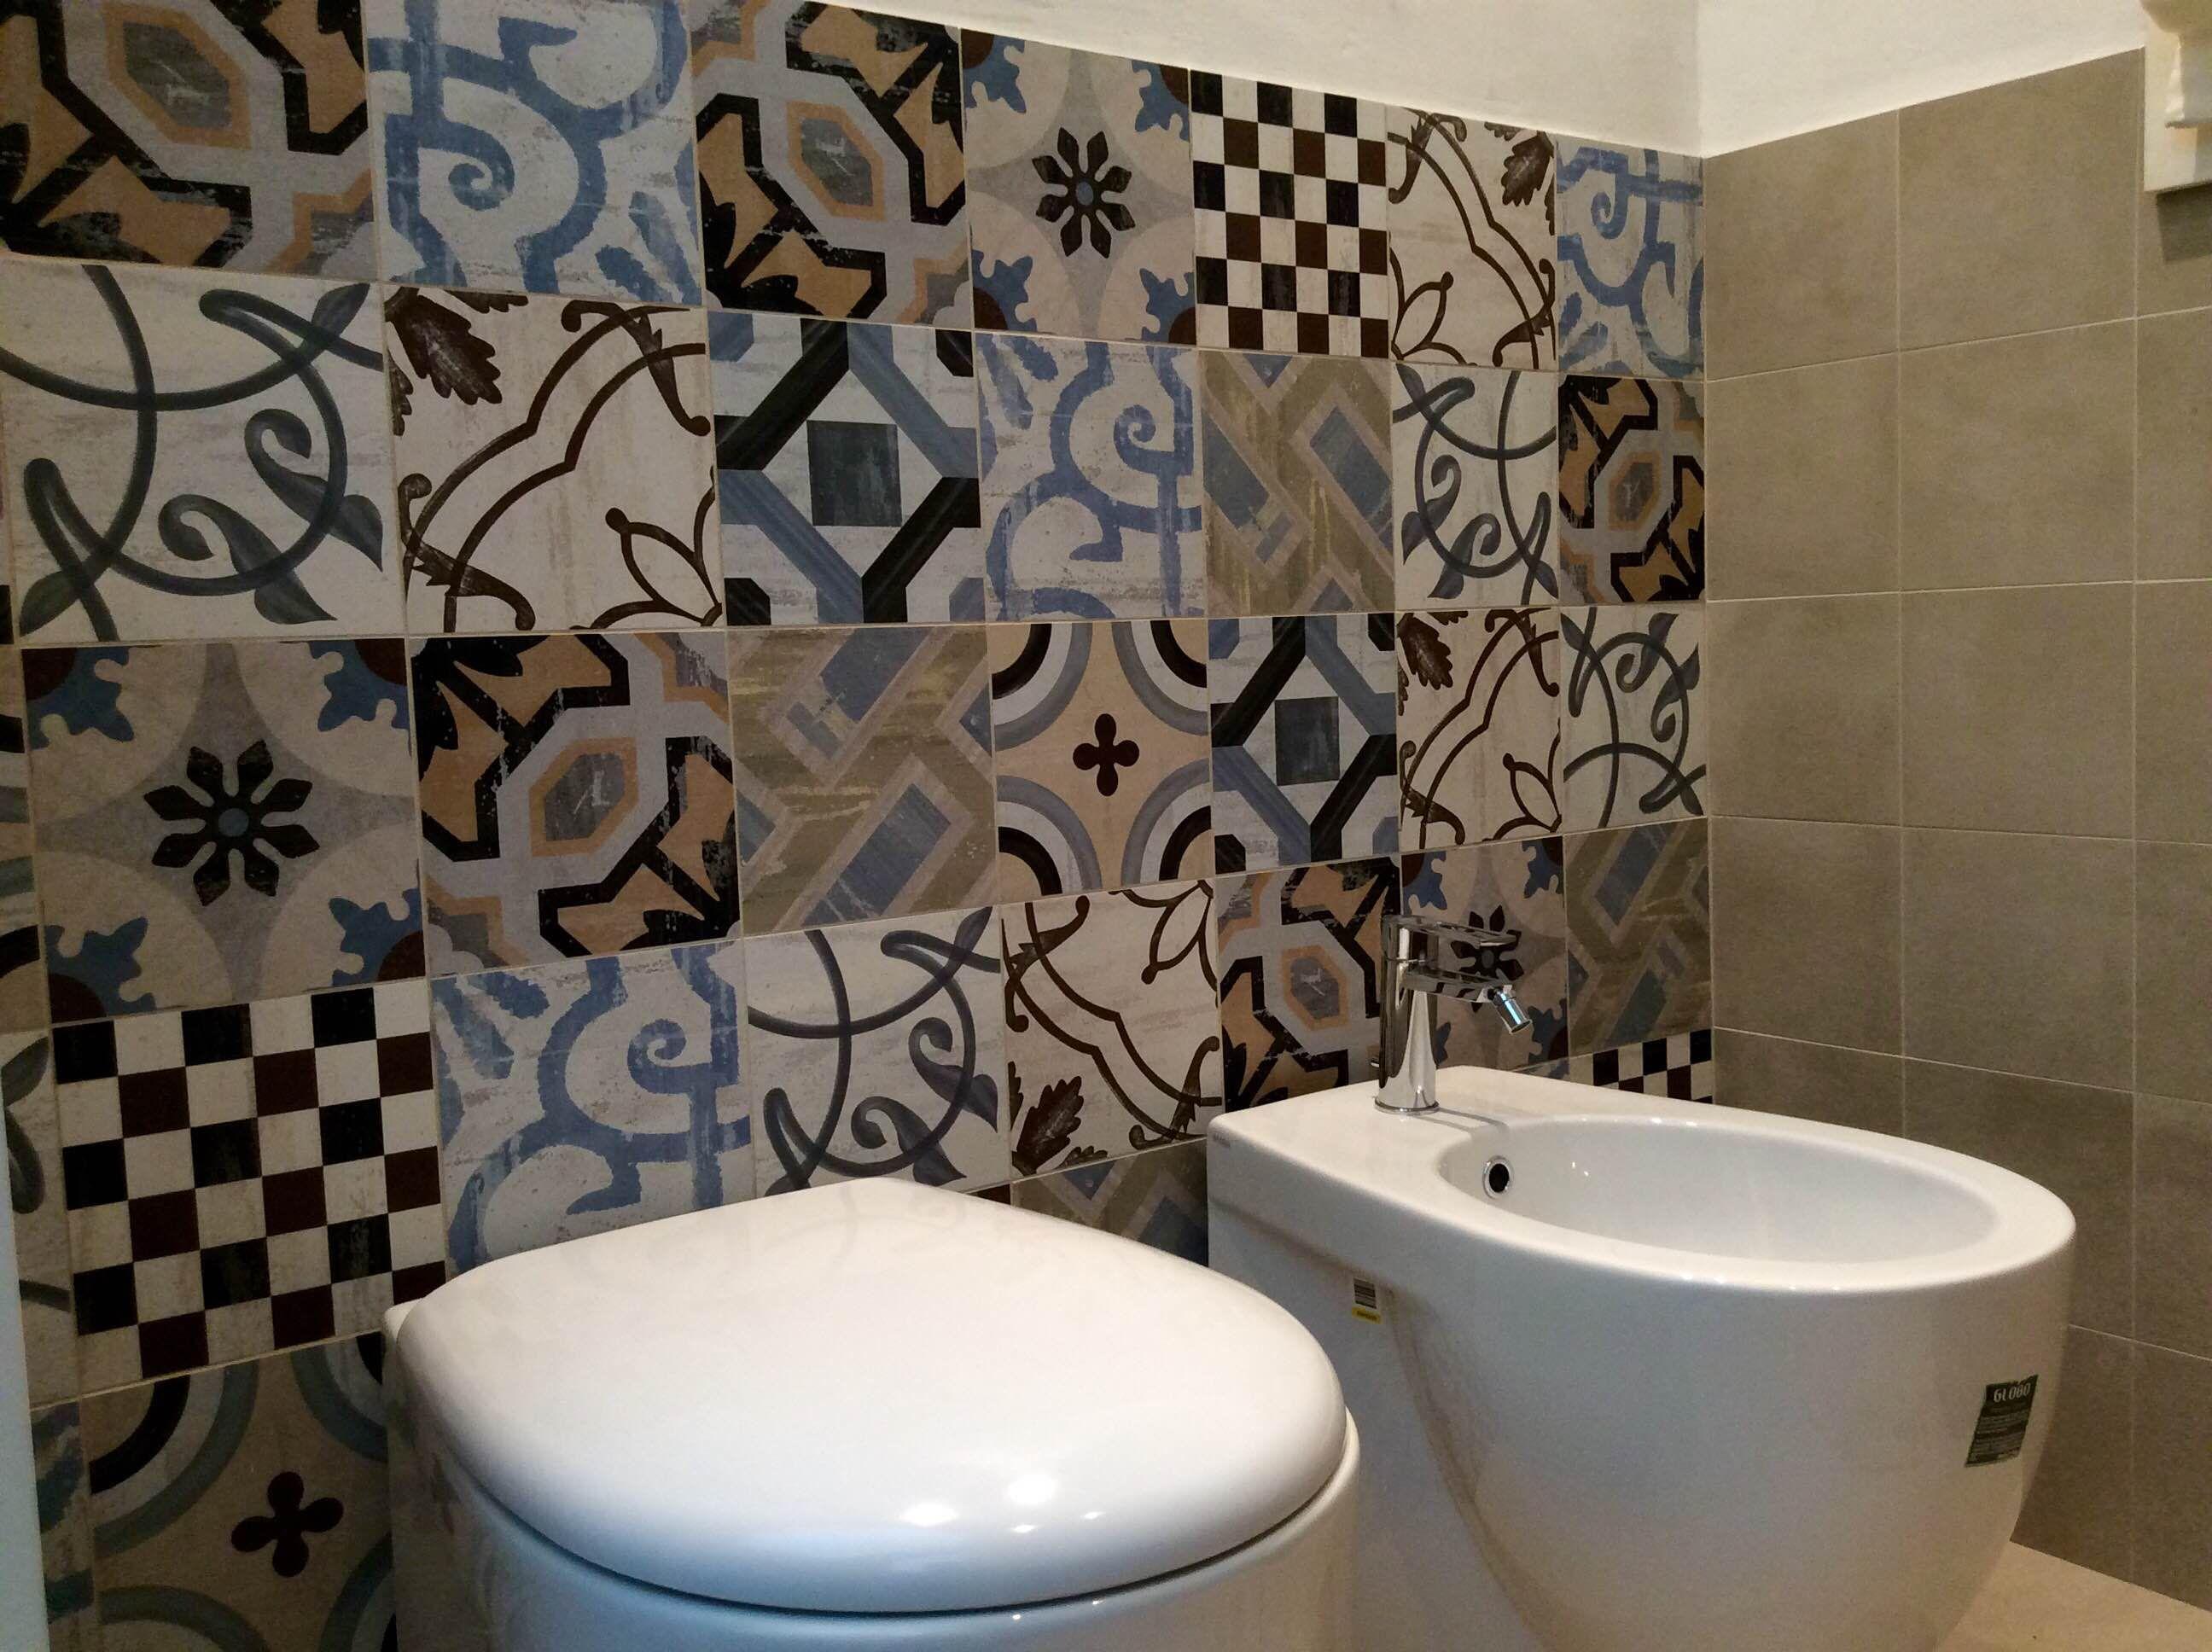 Nodi e imperfezioni del legno colore e decorazioni in gresporcellanato nel nostro nuovo